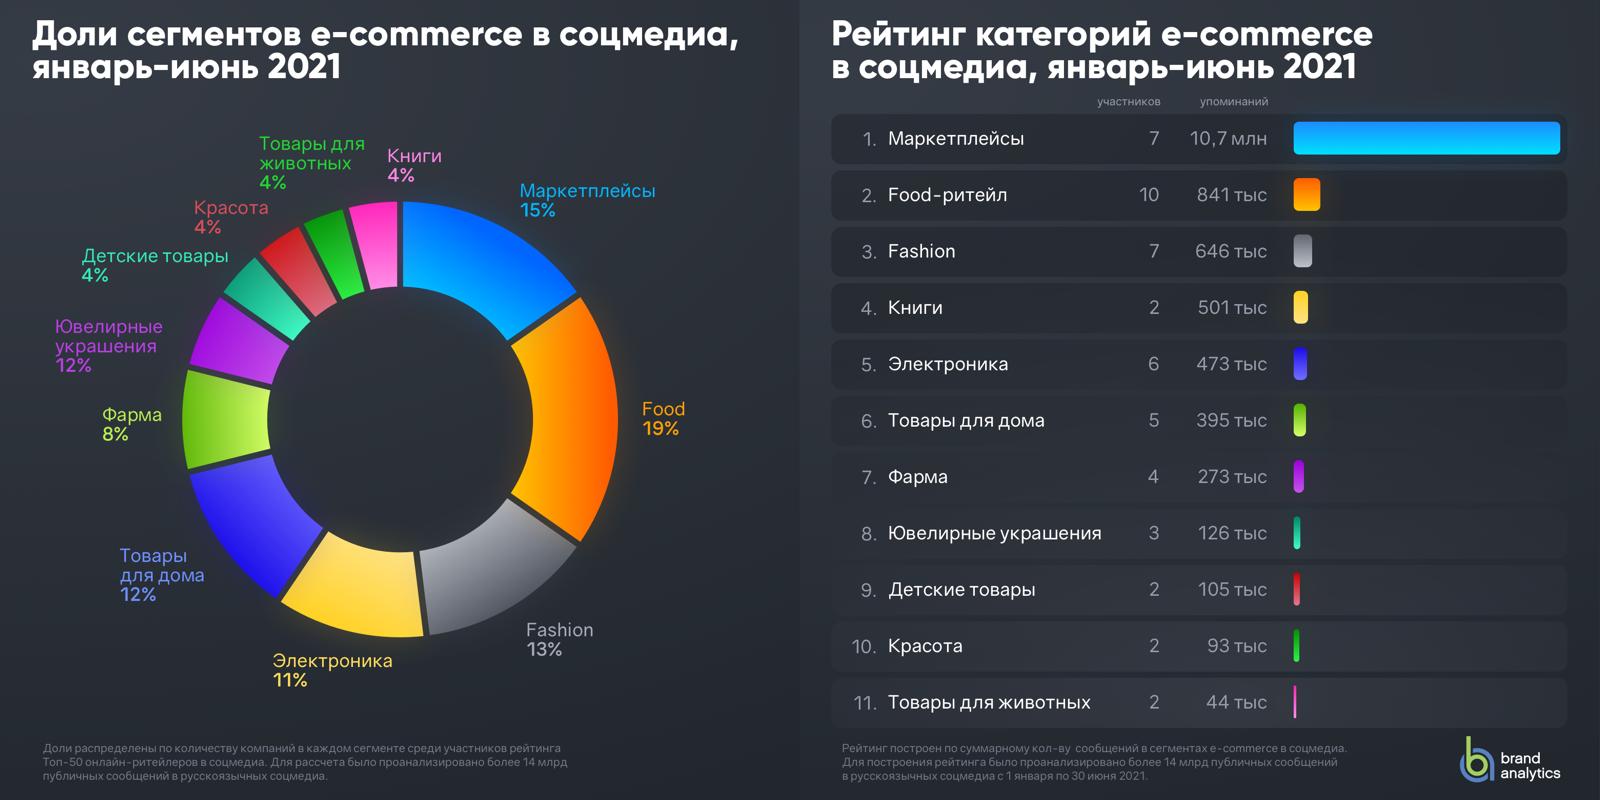 Сегменты российского e-commerce